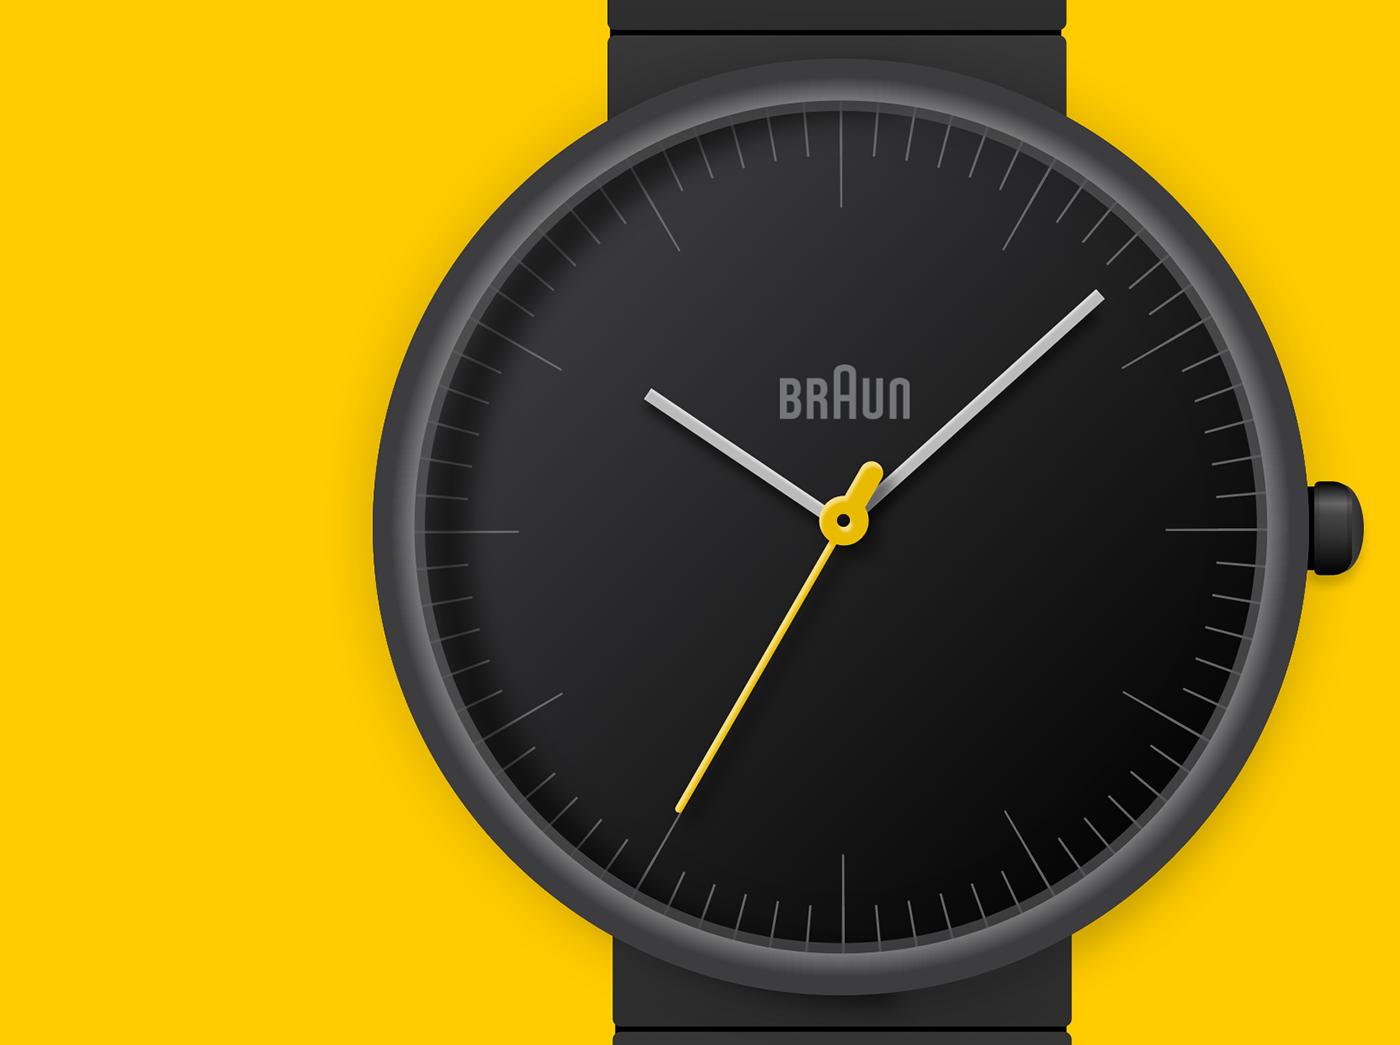 Braun Watch Free Vector Resource